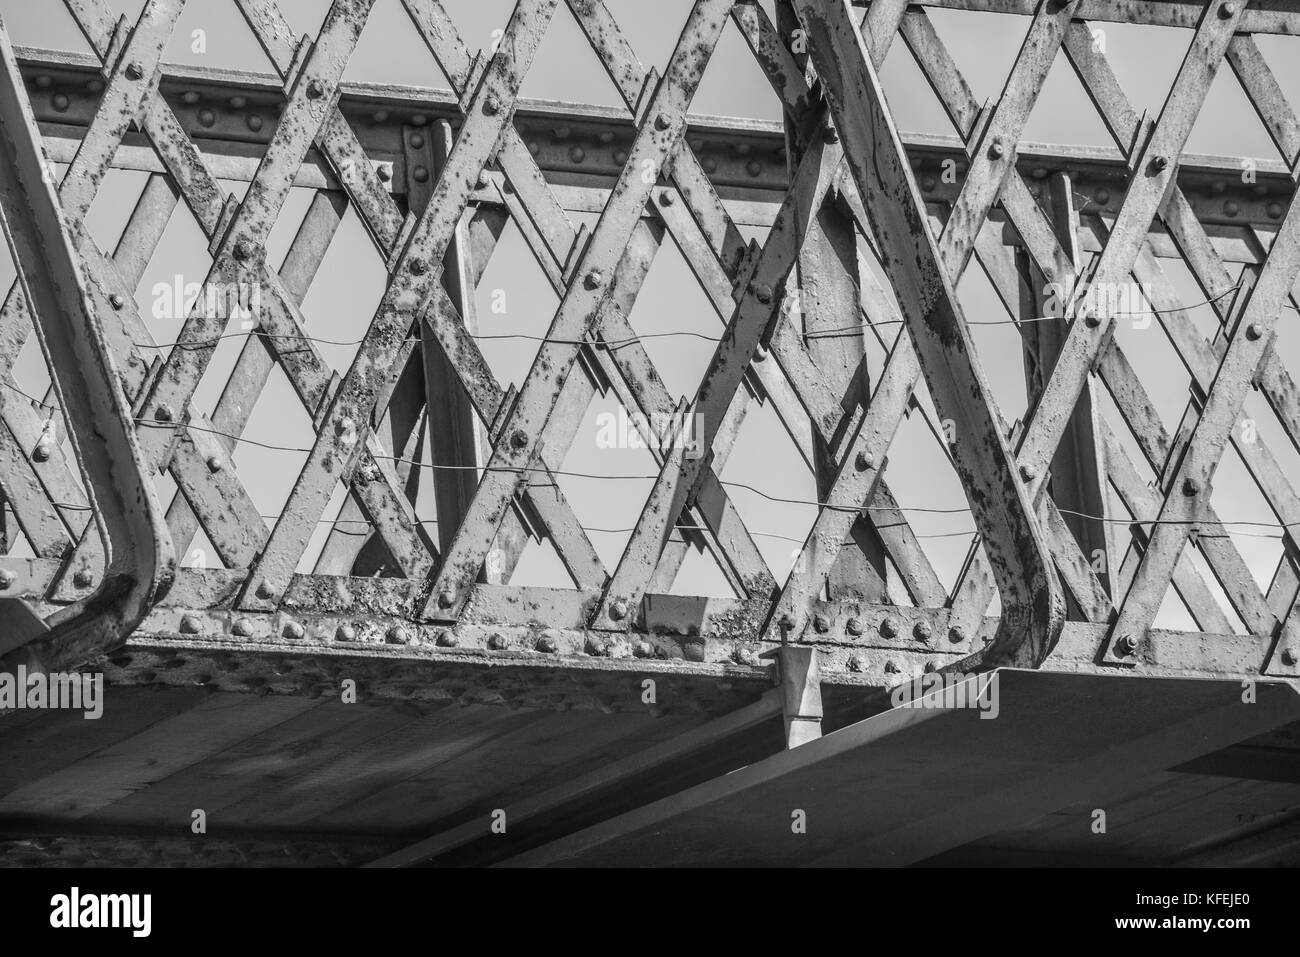 rusting g bridge  Barnsley Ray Boswell - Stock Image